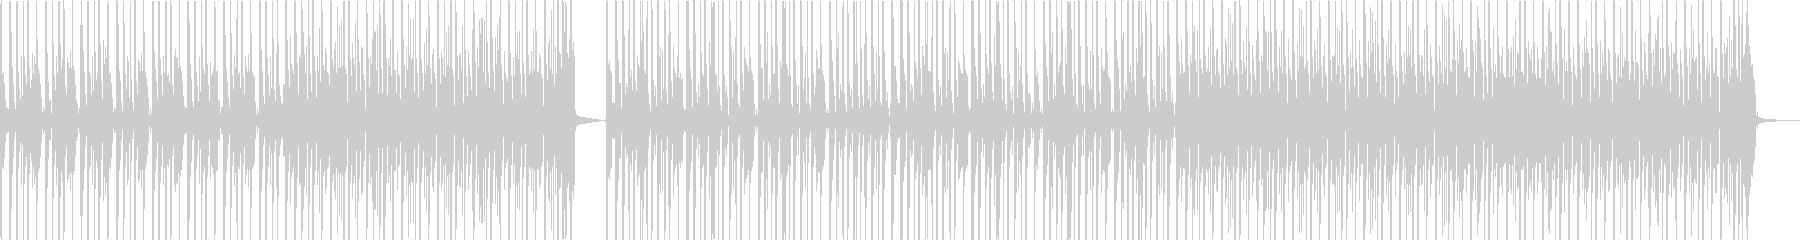 ドラムが中心なシンプルなロックの未再生の波形